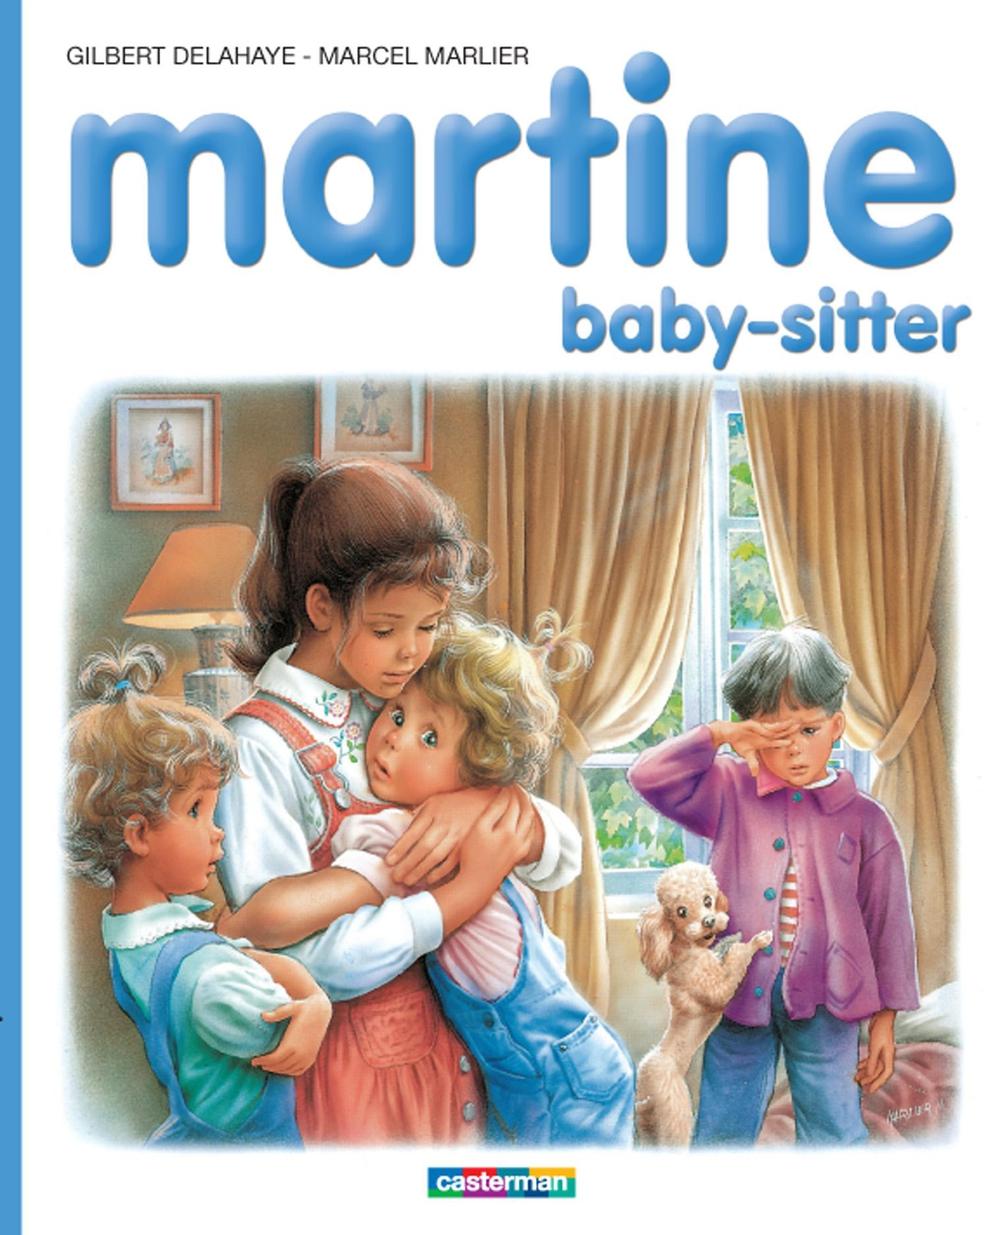 Histoires érotiques de baby-sitter